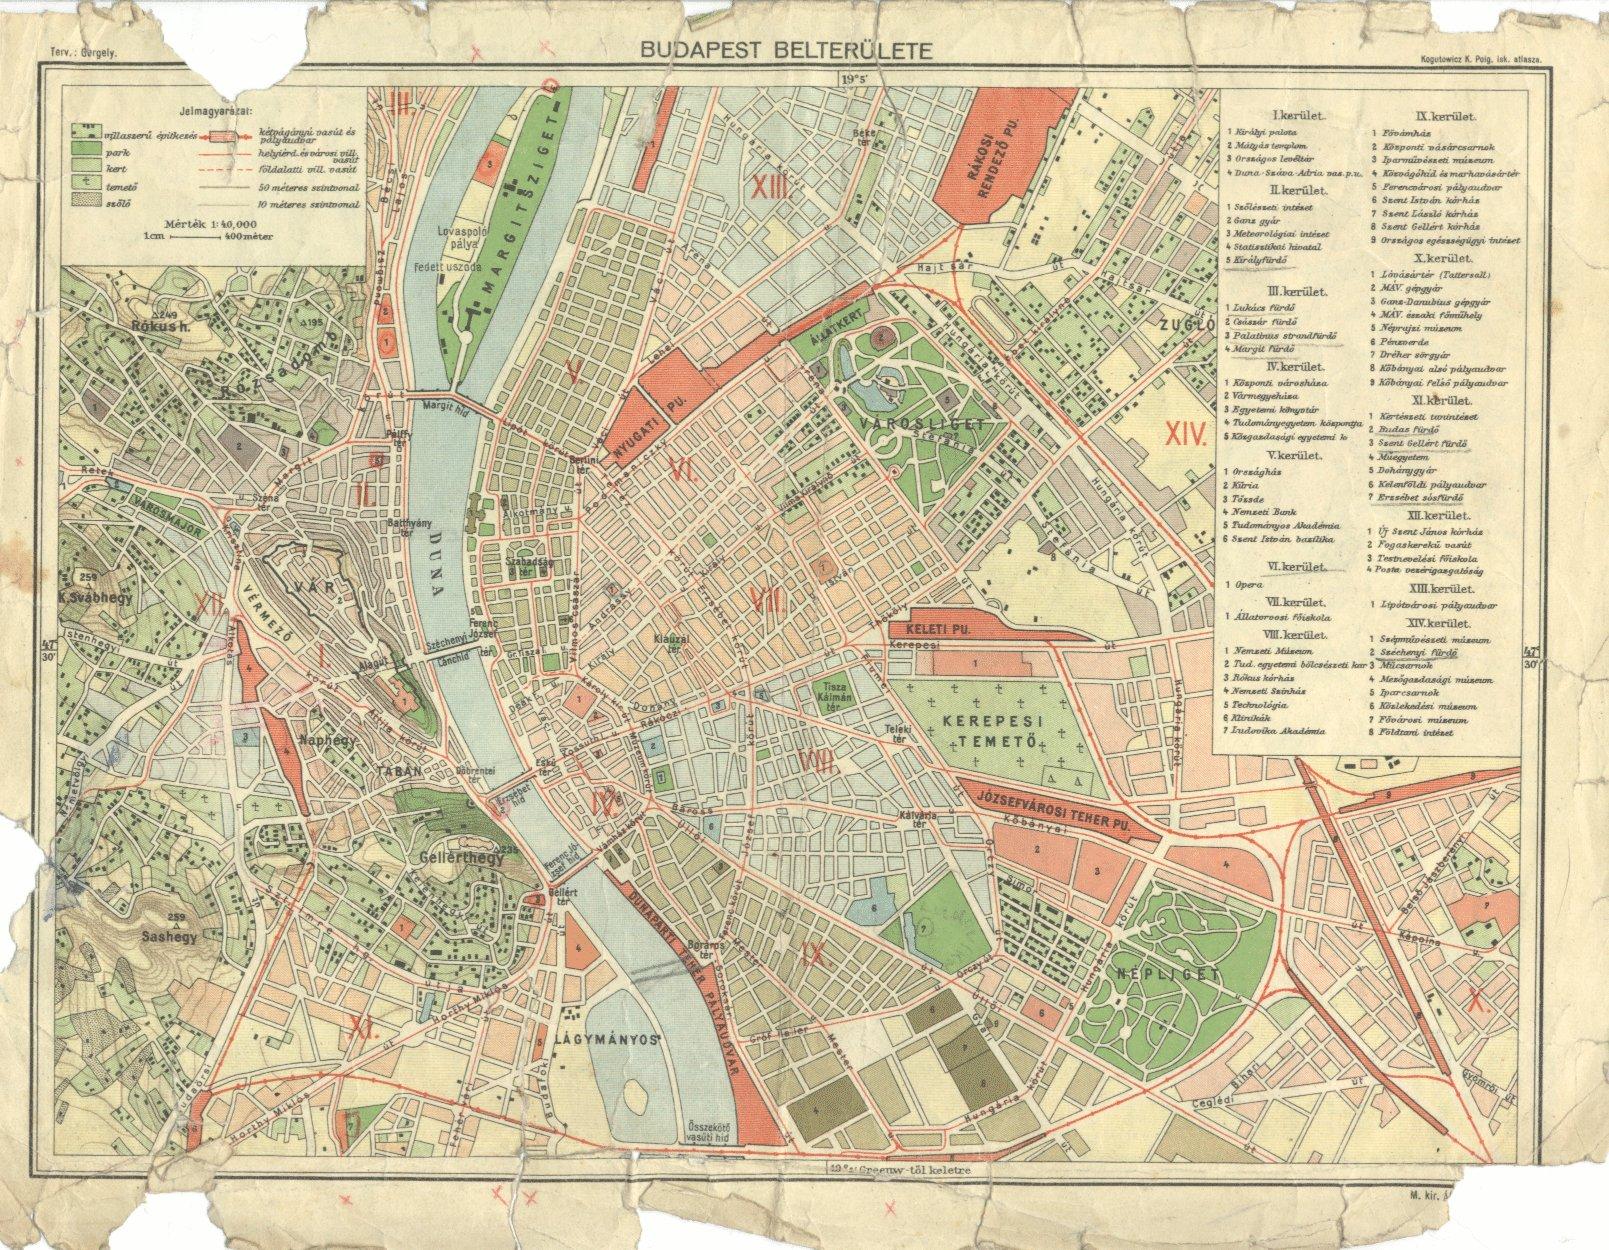 bp térkép hu Budapest belterülete 1930. bp térkép hu